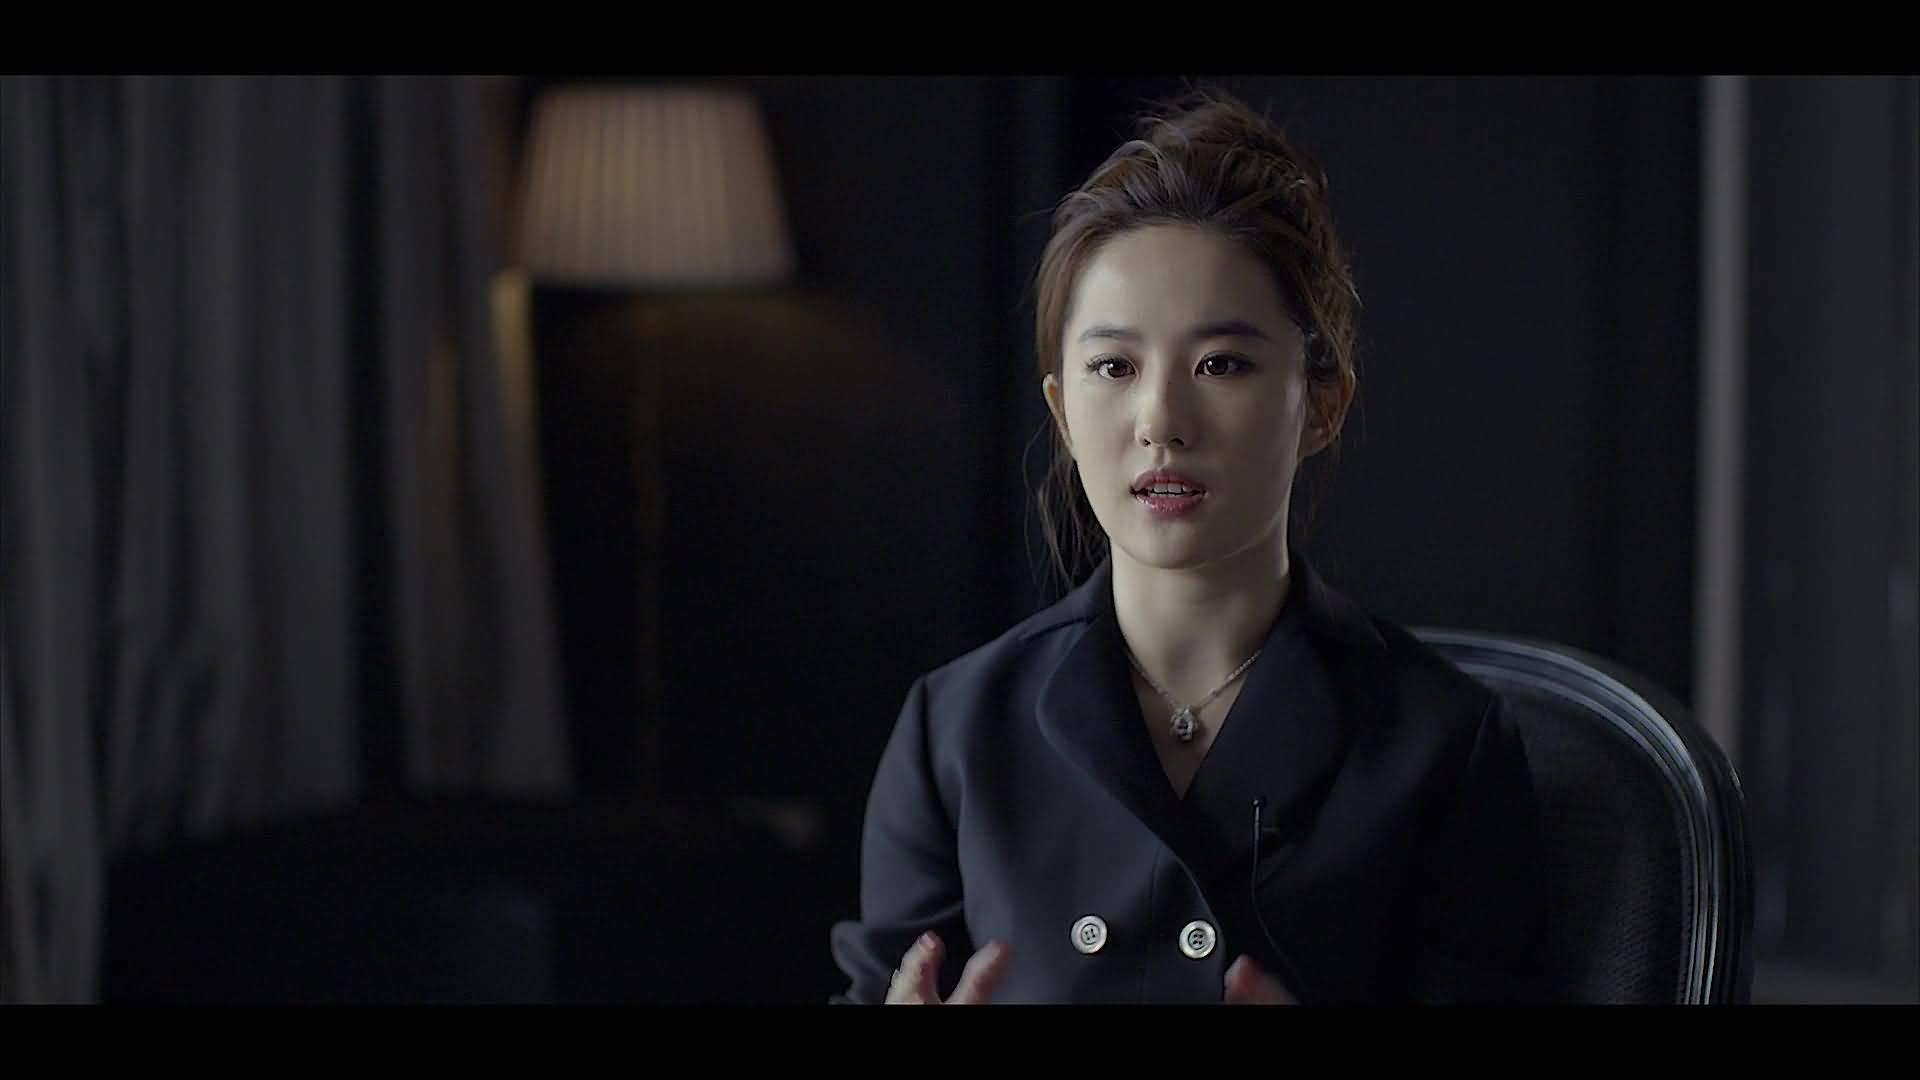 DIor访谈1080P截图 《刘亦菲》[2016.6.2]